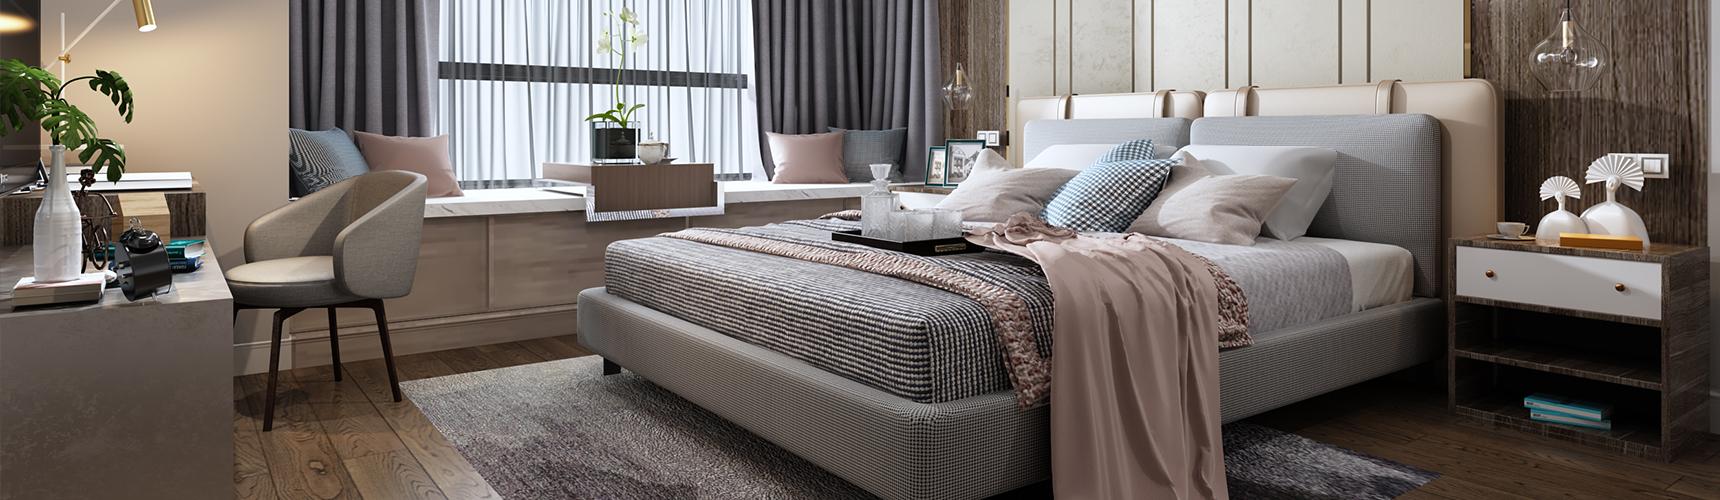 新中式主卧室 双人床 吊灯 床头柜 电视柜 飘窗 书桌椅3D模型下载